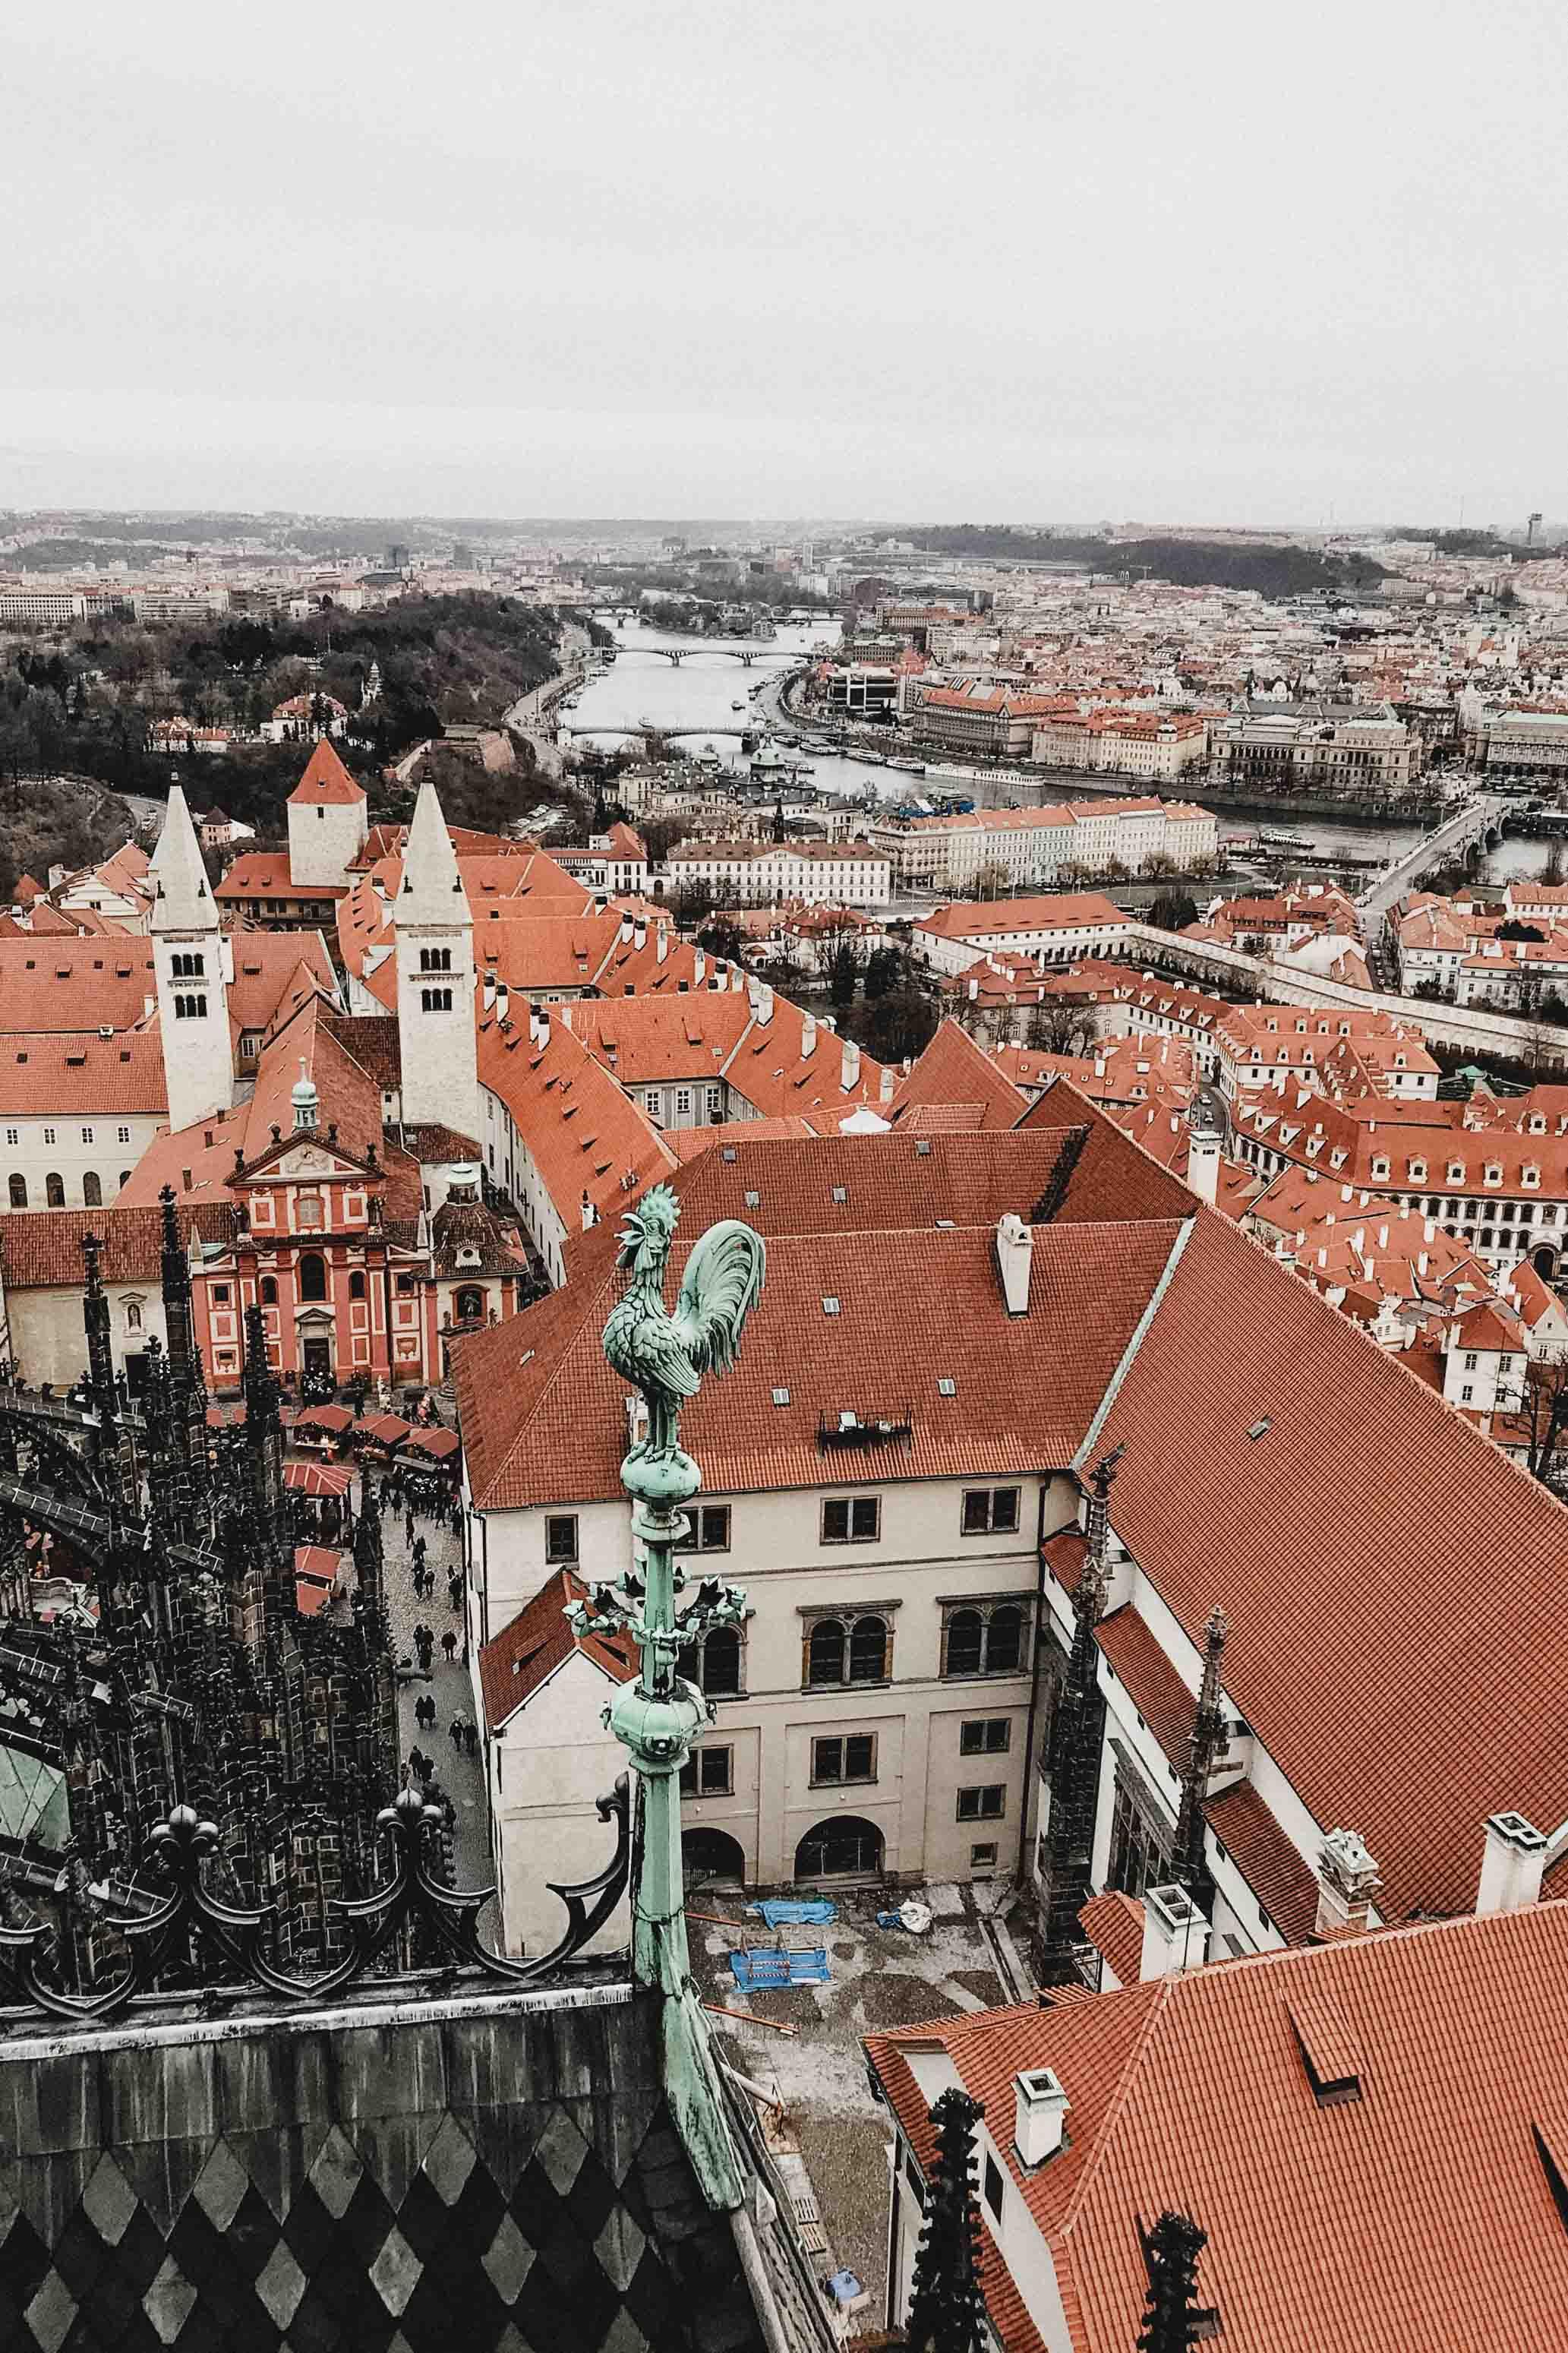 Южная башня собора Святого Вита. Пражский град или как посмотреть на Прагу с высоты